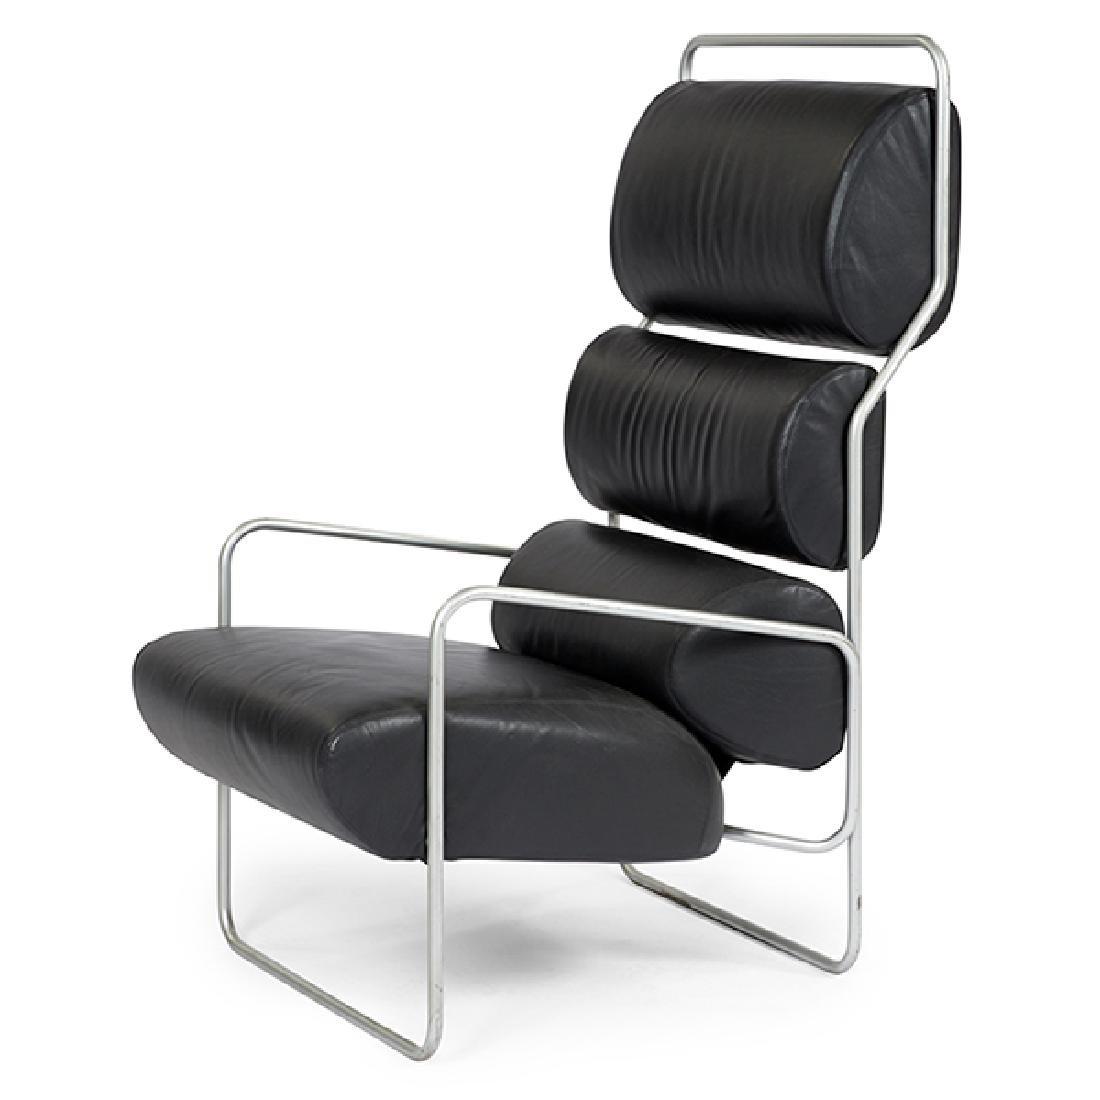 Achille Castiglioni for Tacchini Sancarlo lounge chair